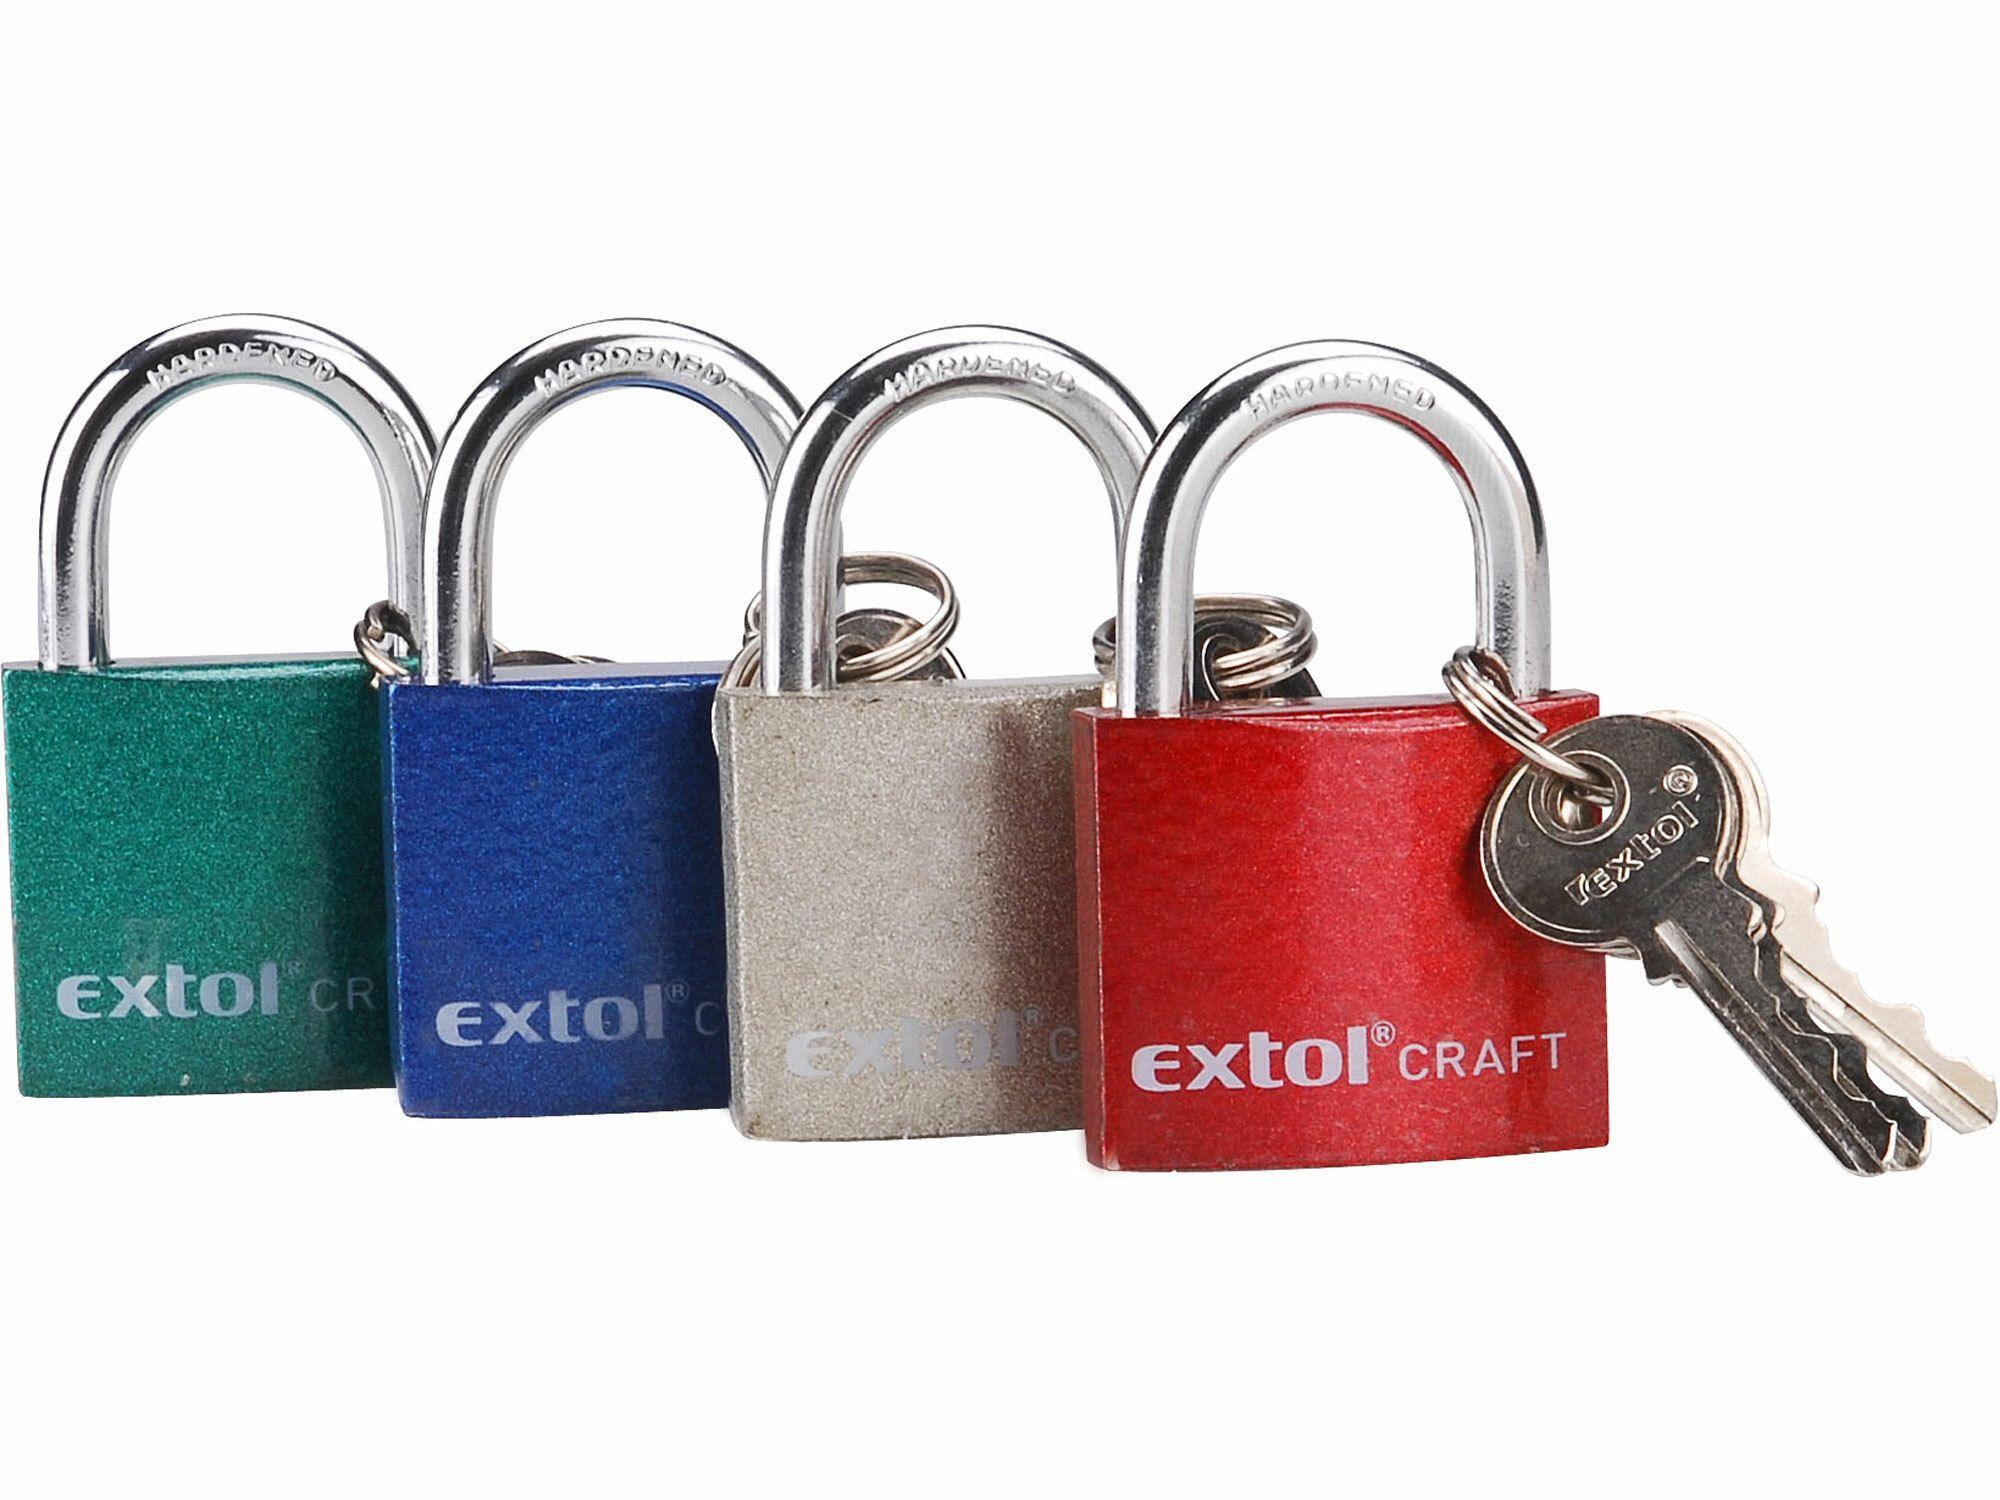 Zámek visací litinový barevný, 25mm, 3 klíče, EXTOL CRAFT